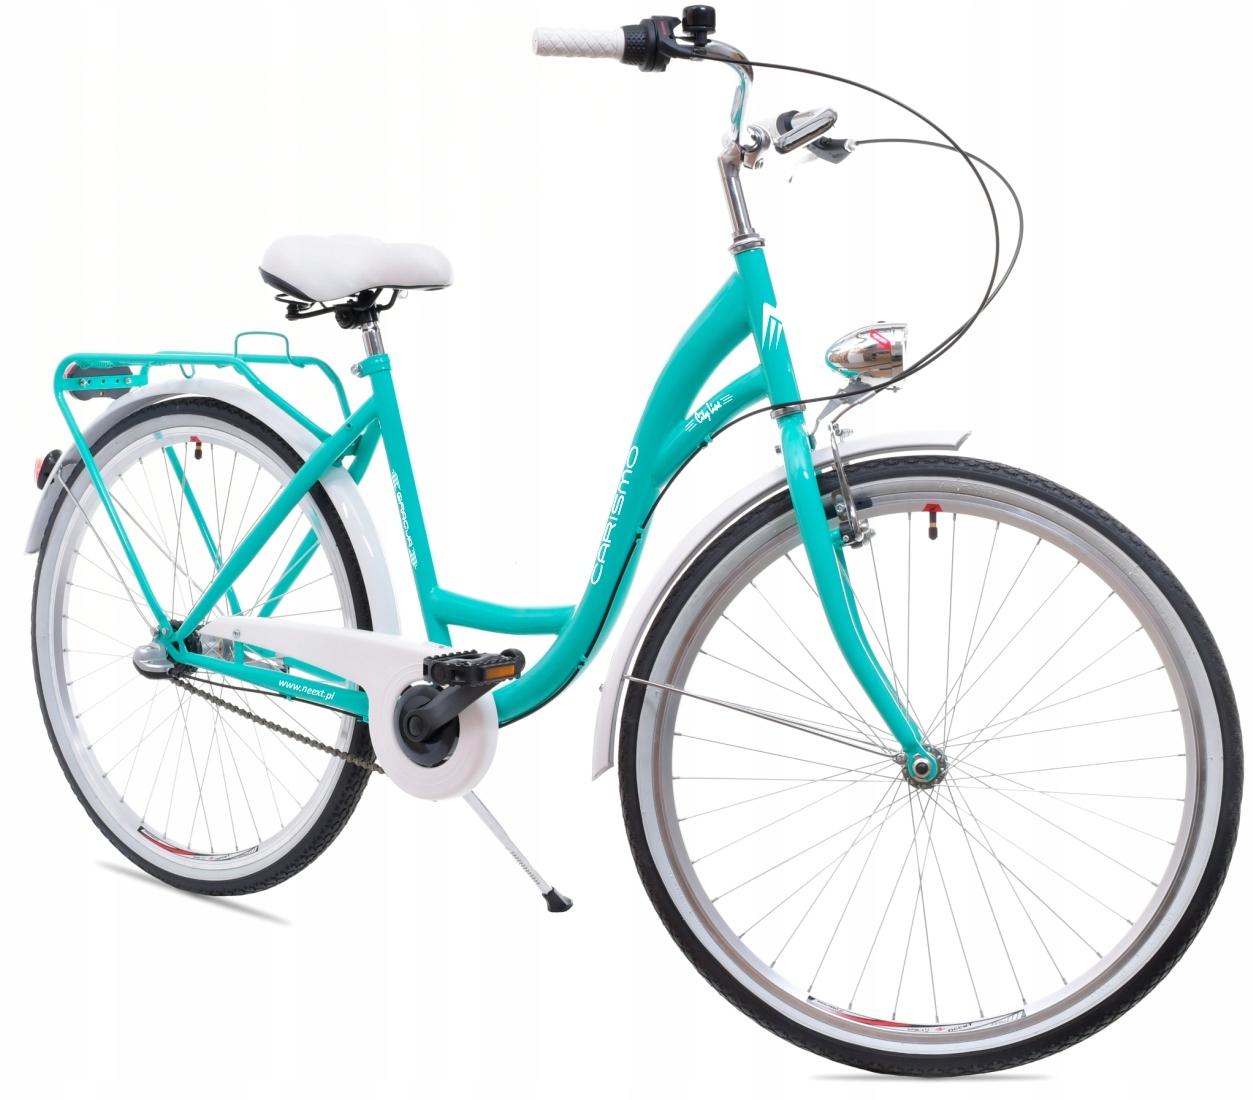 Dámsky mestský bicykel GRACJA 26 Shimano 3b holandský rám 17,5 palca